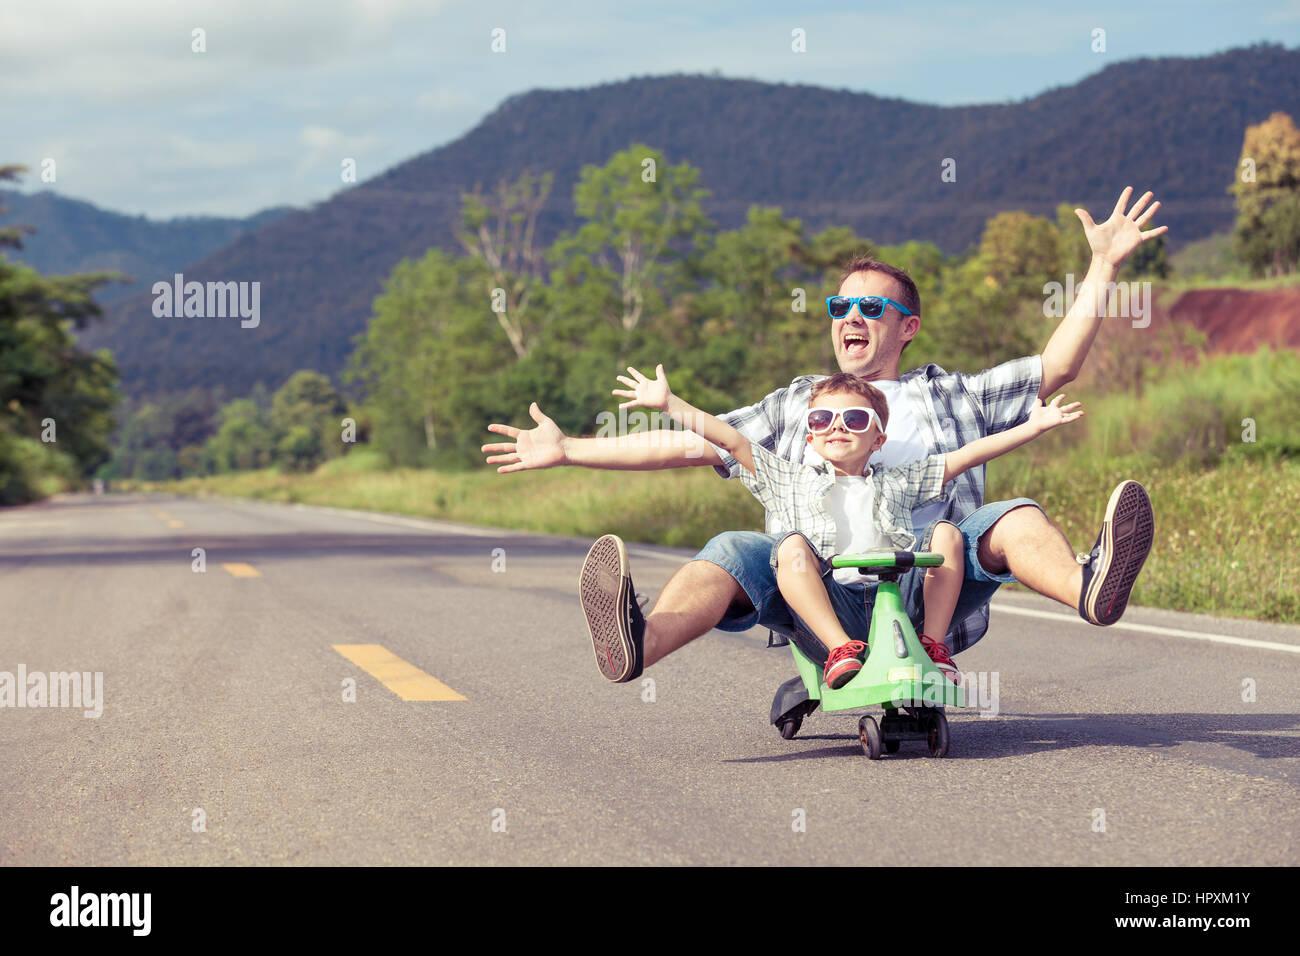 Padre e hijo jugando en la carretera en el día. Concepto de ambiente familiar. Imagen De Stock